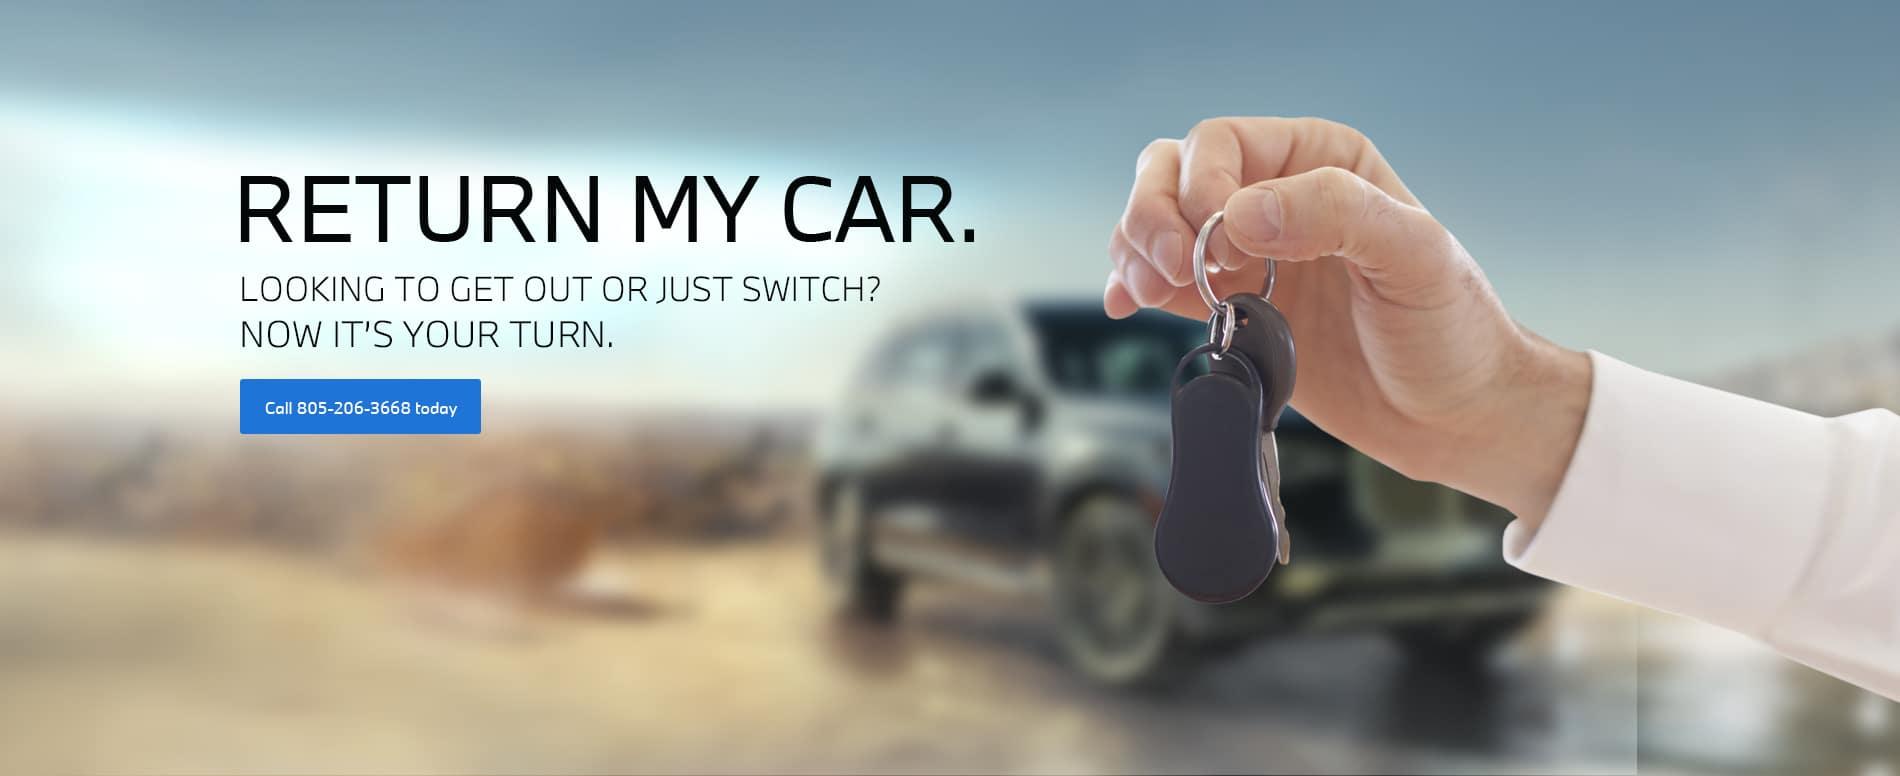 Return my car BMW copy